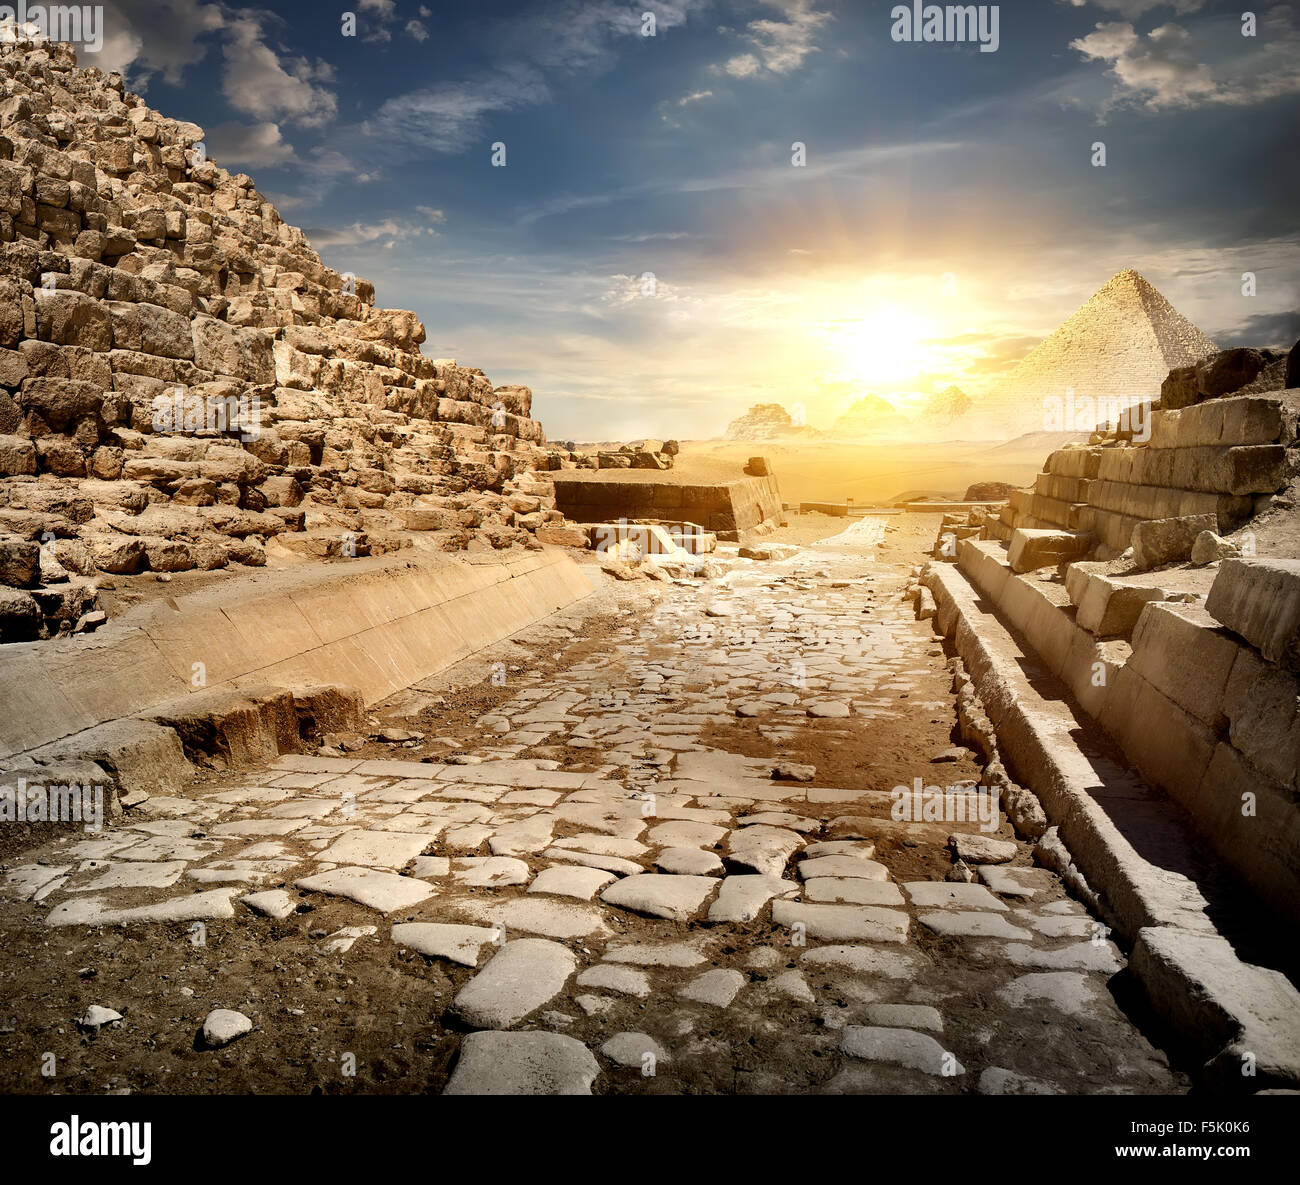 Chemin à travers les ruines de pyramides égyptiennes et sun Photo Stock